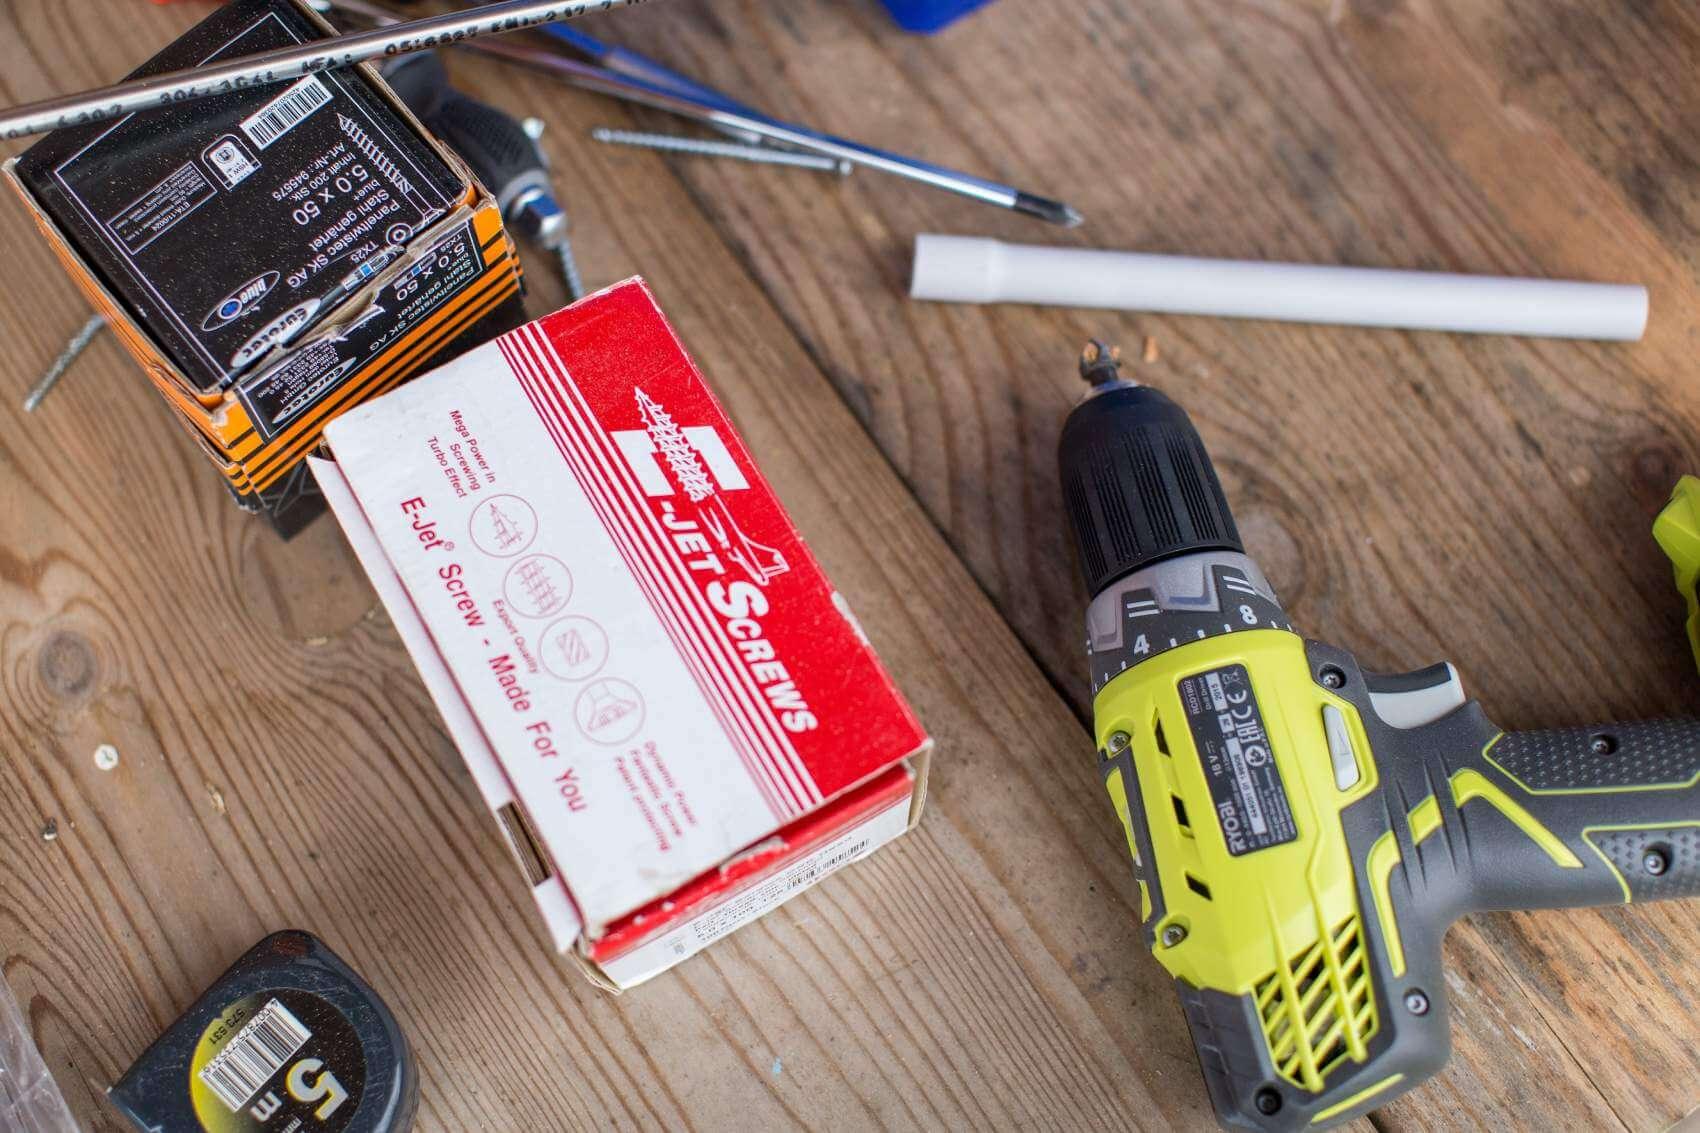 tools - taduuda-76964-unsplash